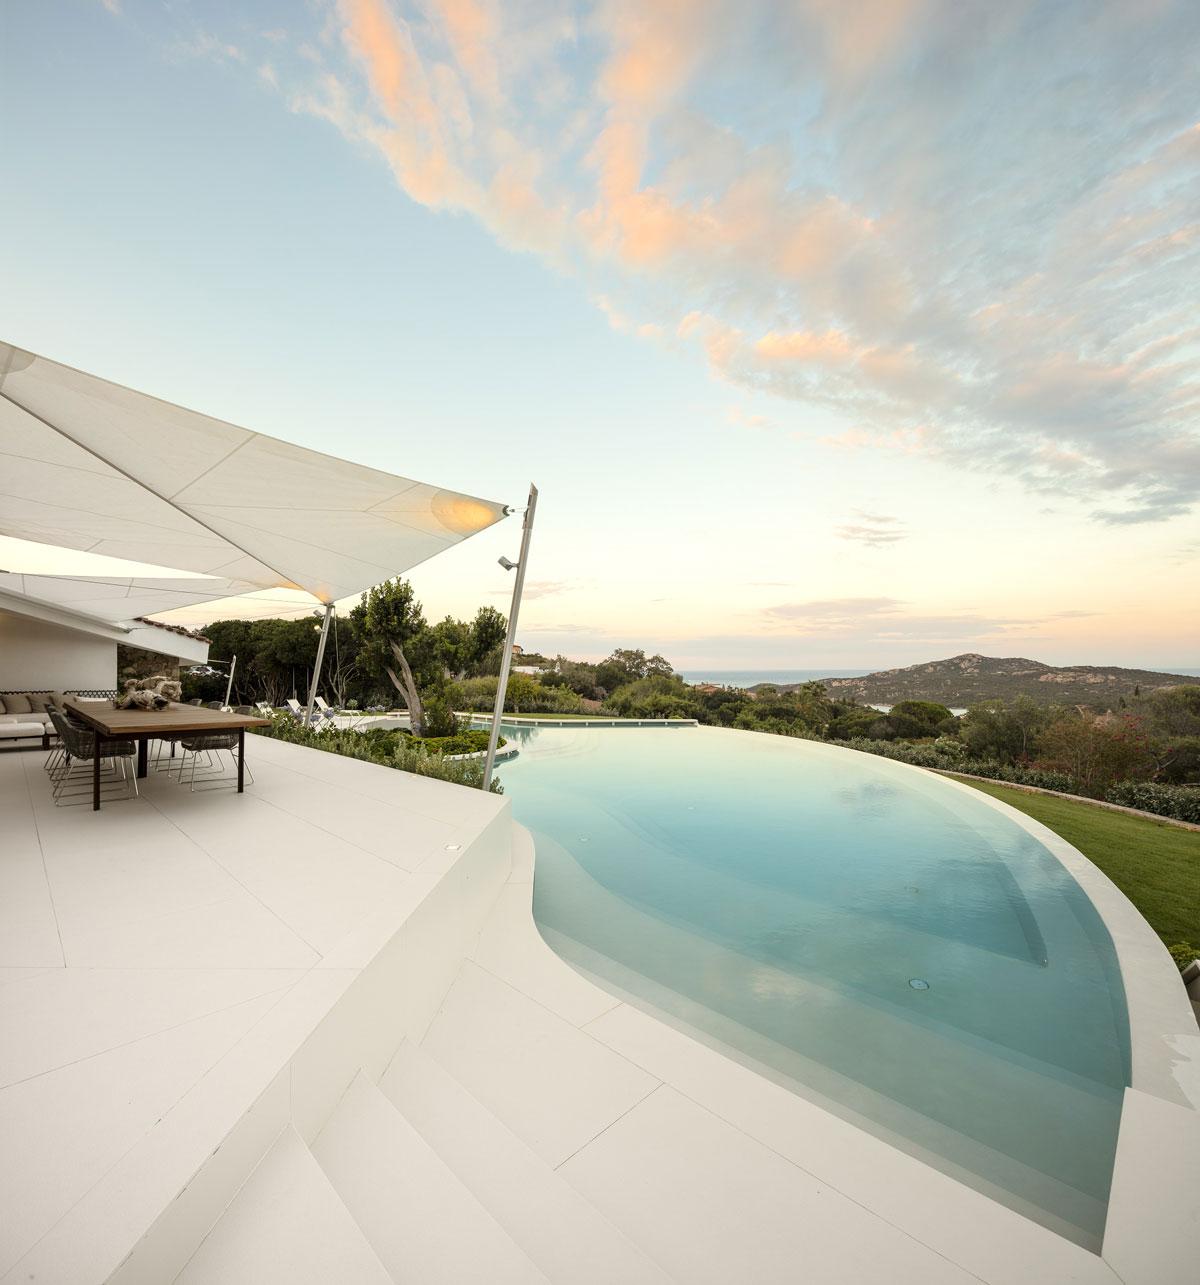 biely kamenný bazén